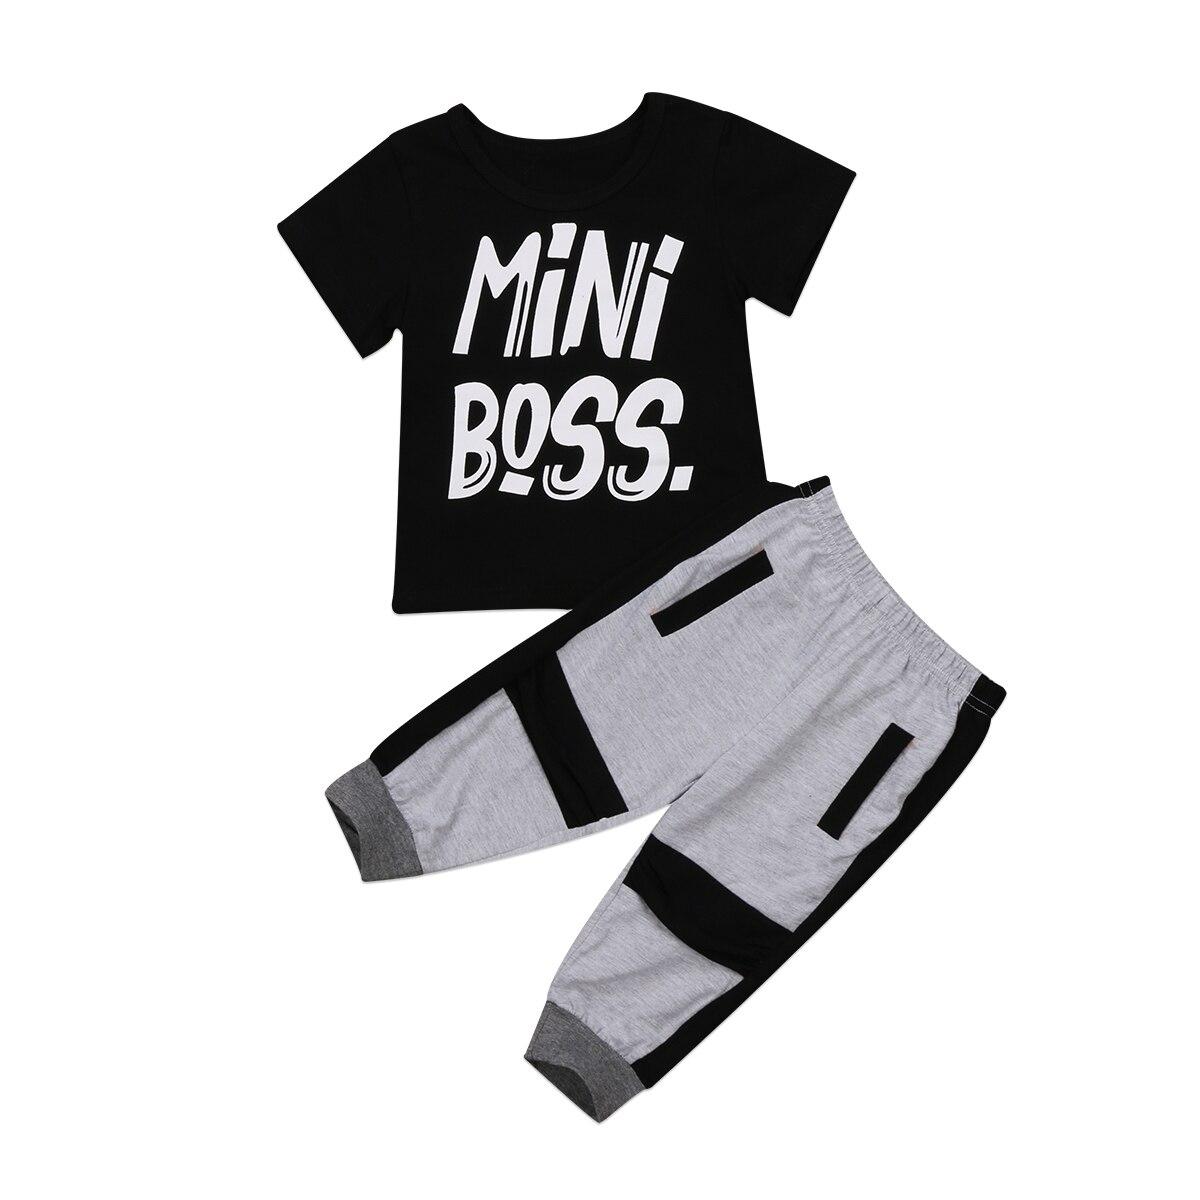 2-pcs-crianca-criancas-bebe-menino-roupas-sets-t-shirt-tops-de-manga-curta-calcas-harem-conjunto-roupas-roupas-de-algodao-do-bebe-meninos-1-6-t